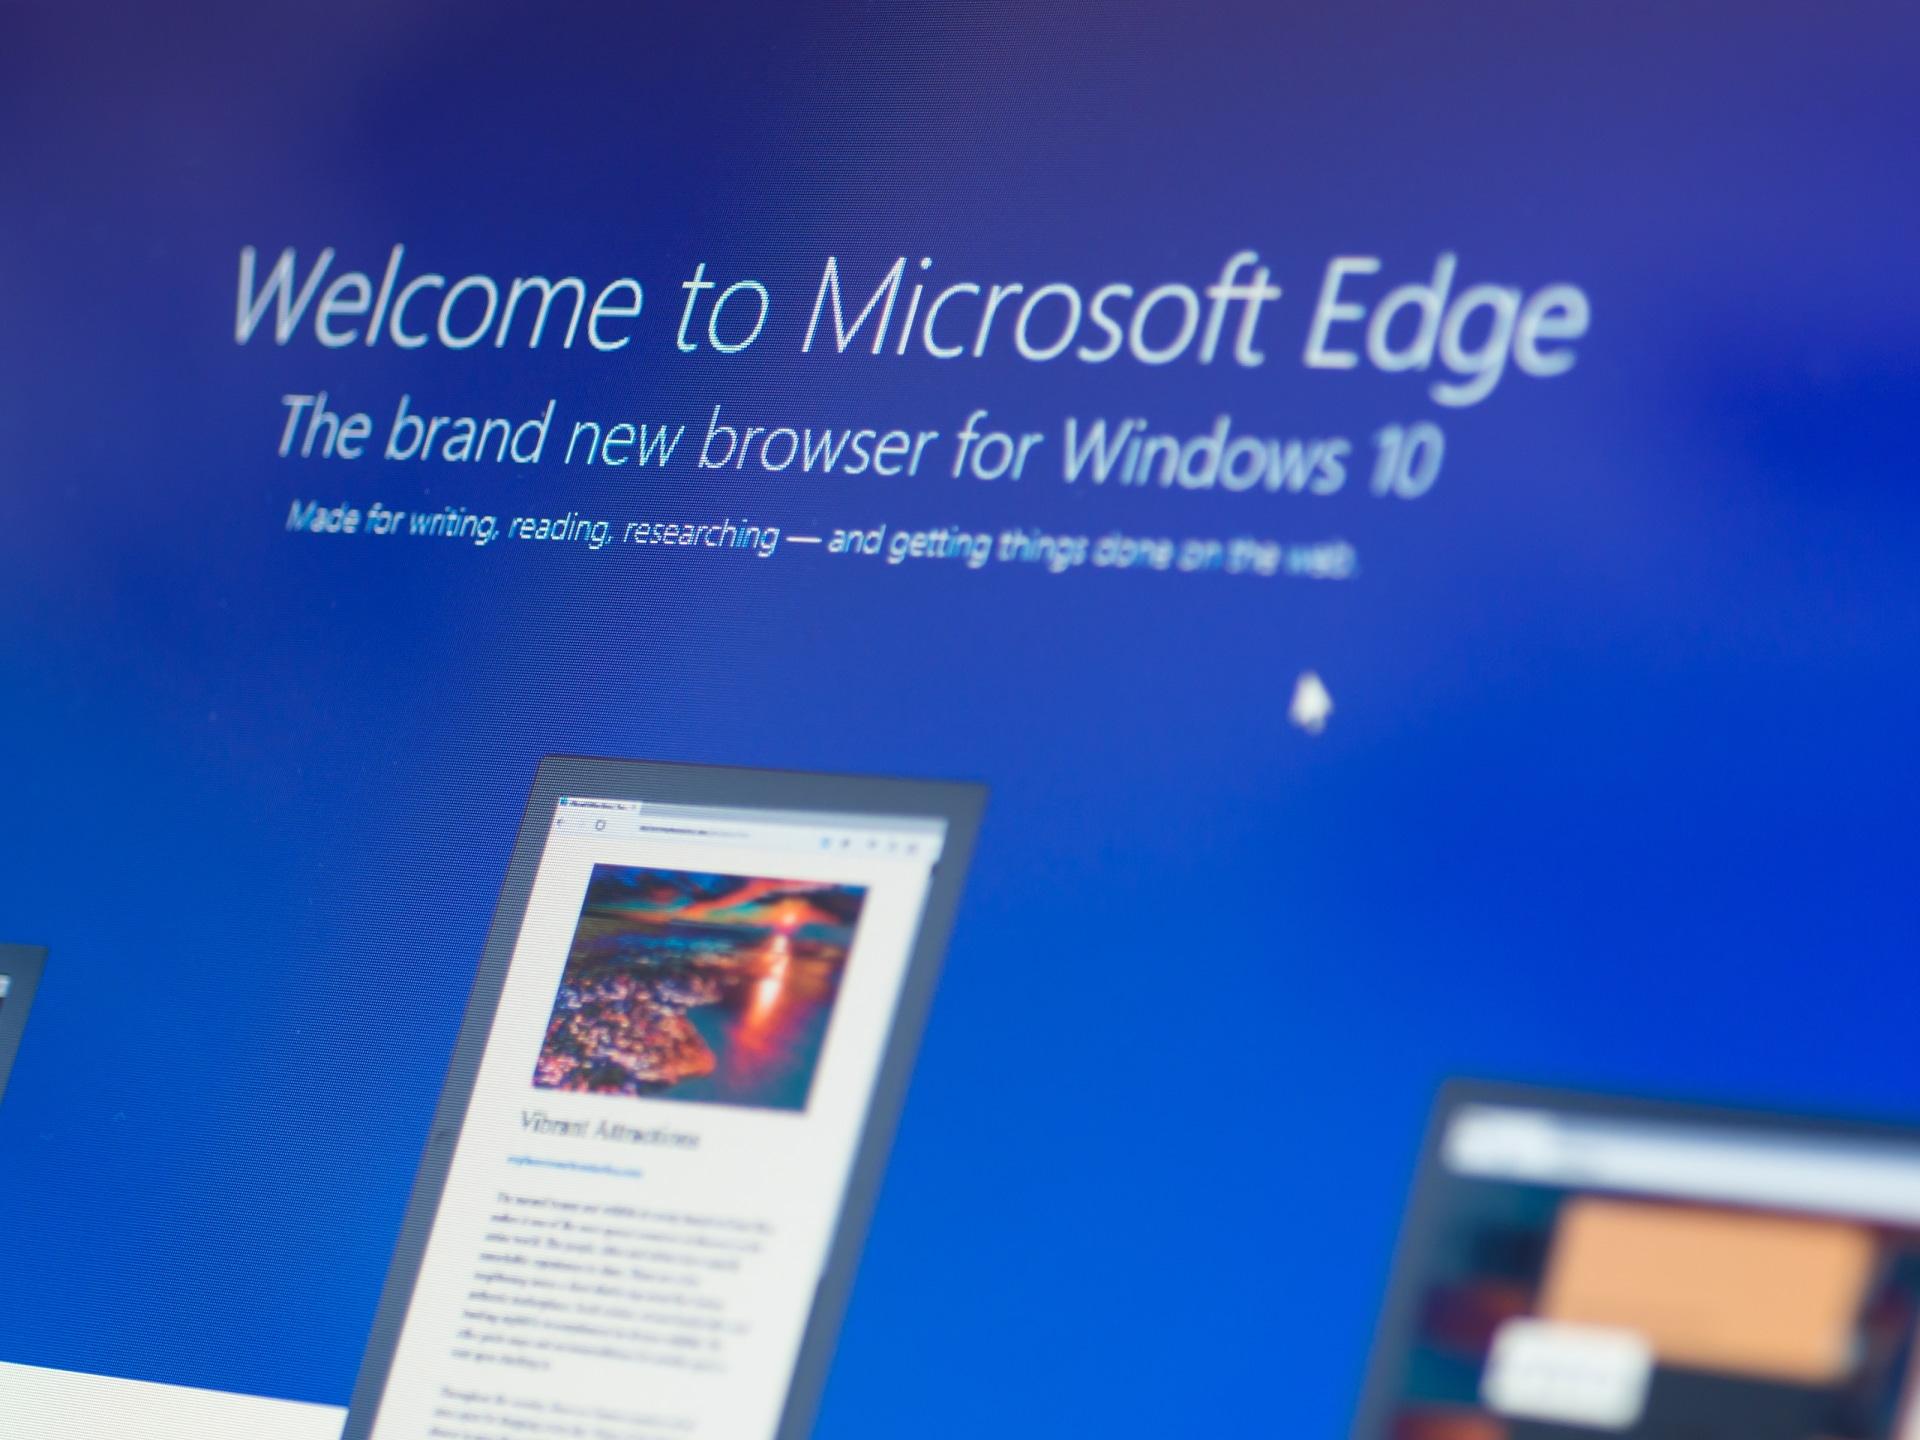 Microsoft removerá antigo Edge do Windows 10 de forma definitiva em abril